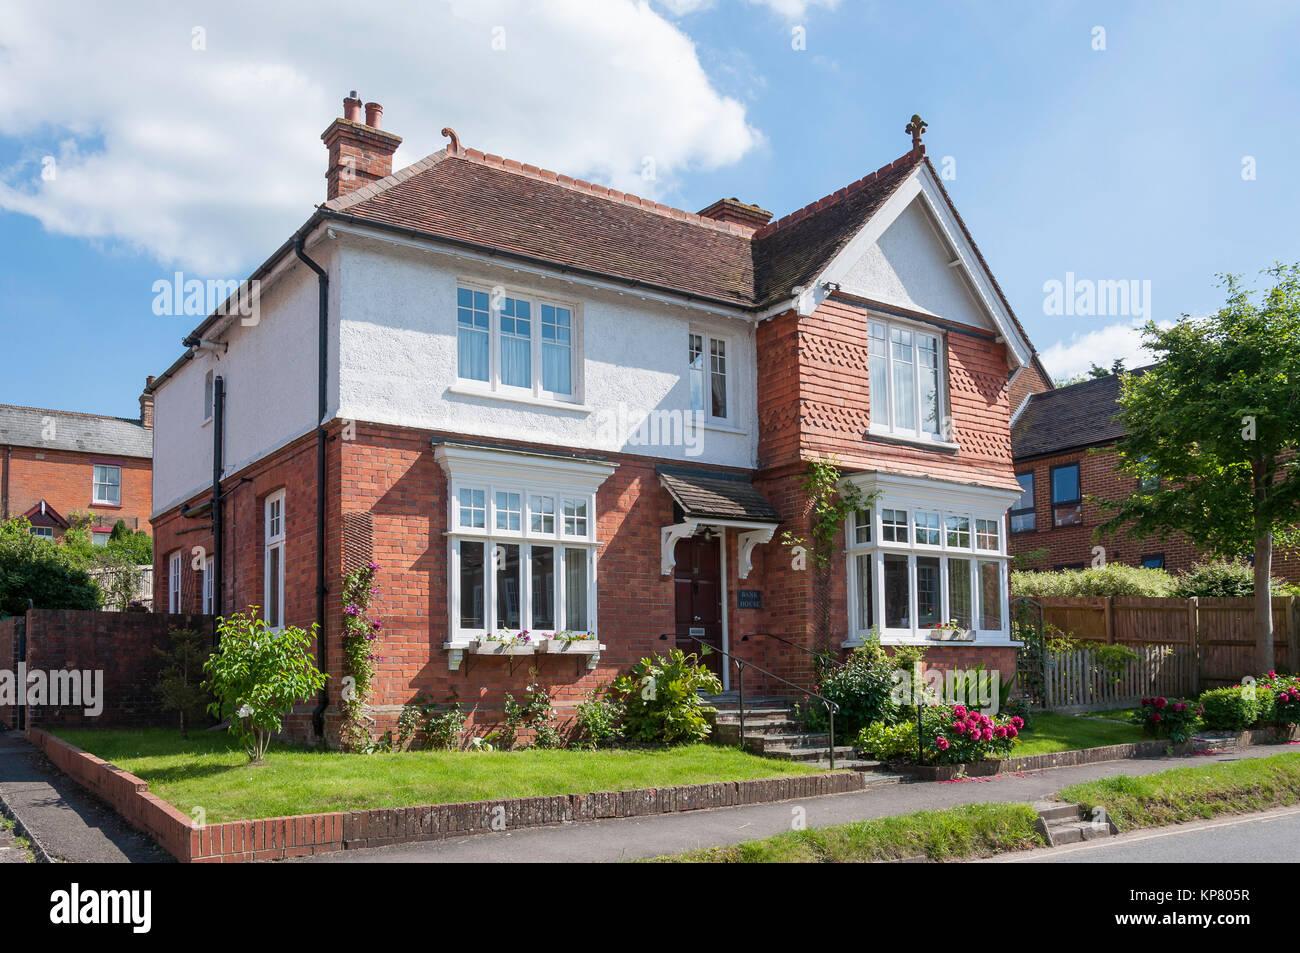 Large detached house, Swan Street, Kingsclere, Hampshire, England, United Kingdom - Stock Image